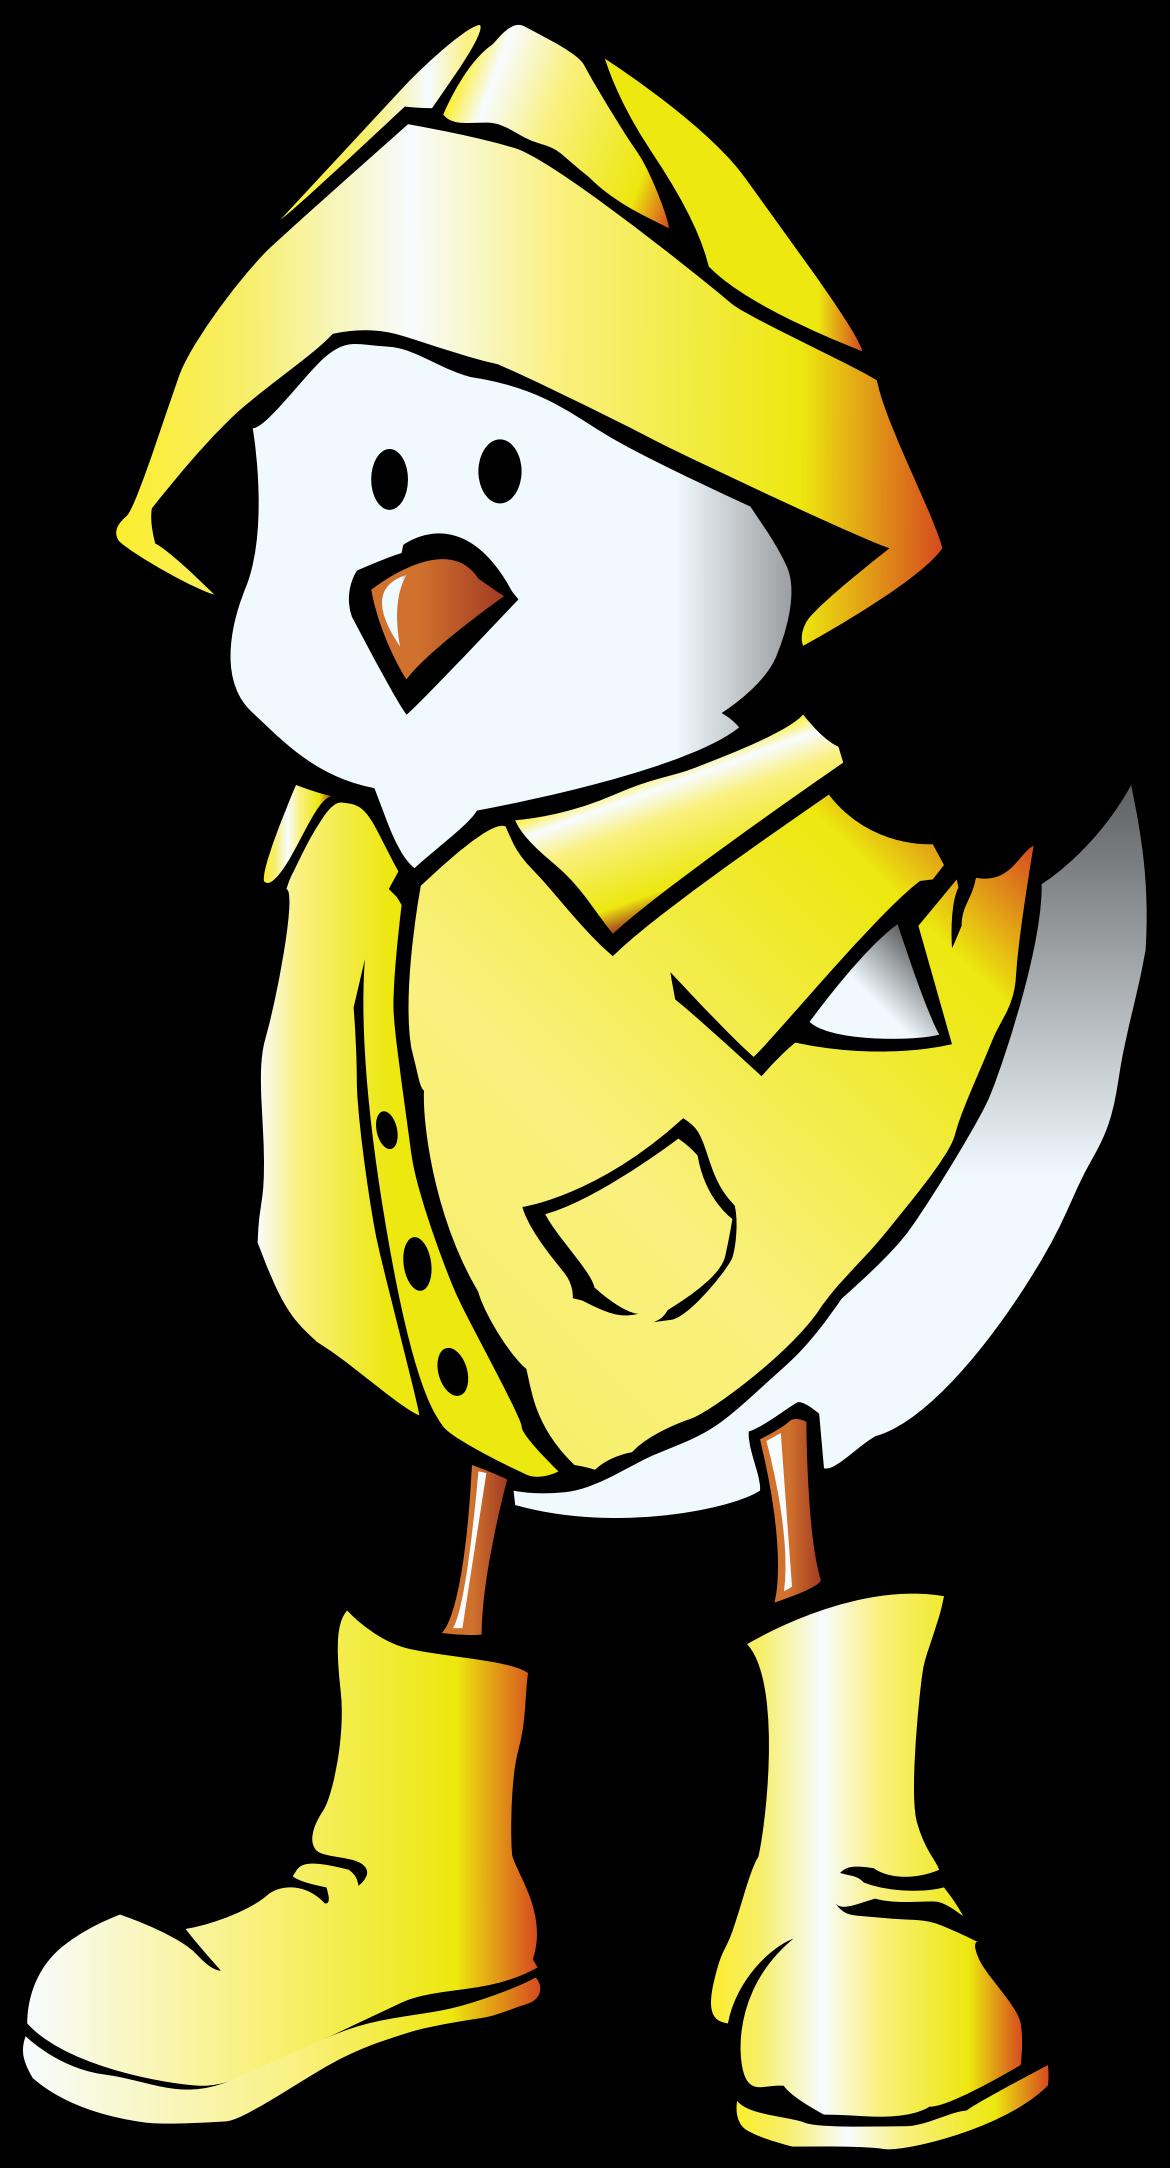 Big Image - Duck Raincoat Cartoon (1170x2168)